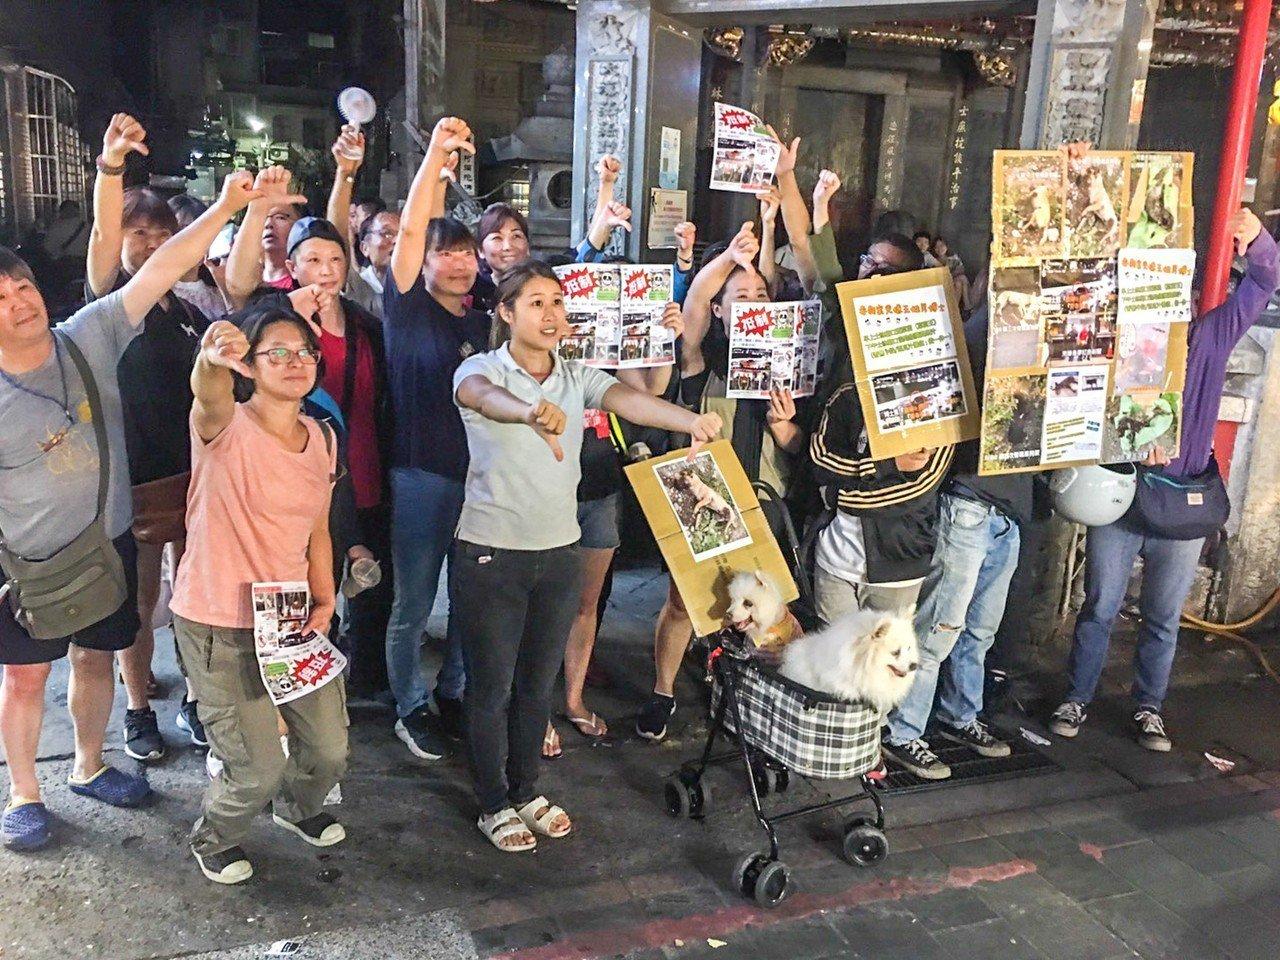 20多名愛狗人士今晚拿著抵制傳單,聚眾抗議「毒狗」的王姓西瓜汁攤老闆。記者蔡翼謙...